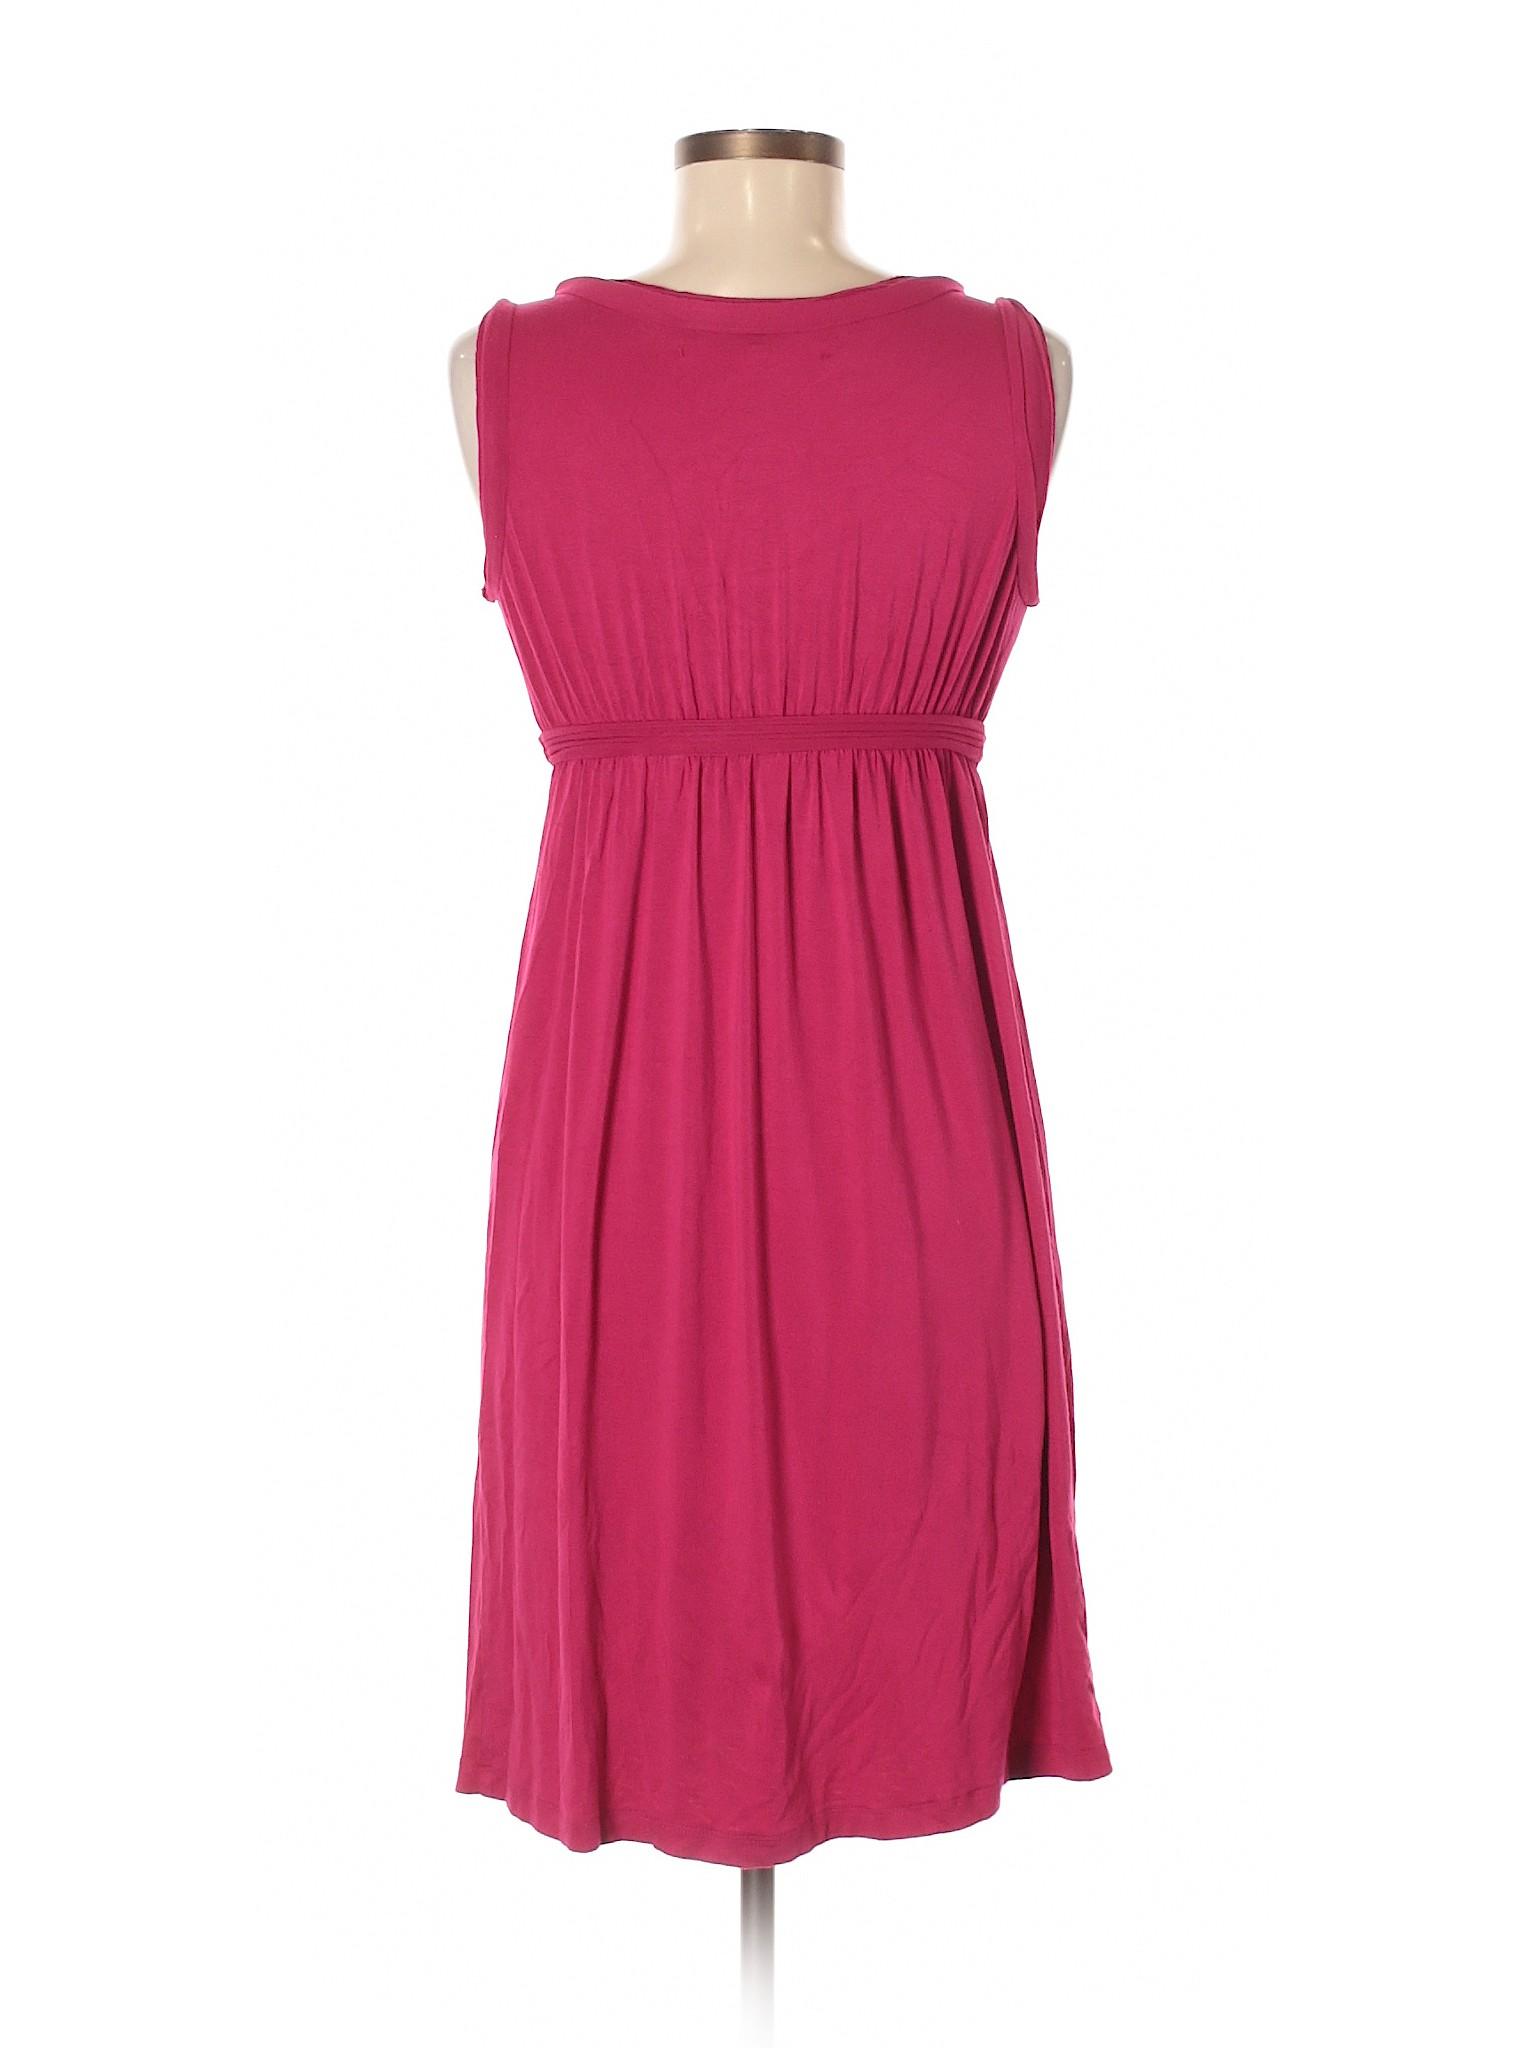 Casual Dress Max winter Boutique Studio qzctRnAA